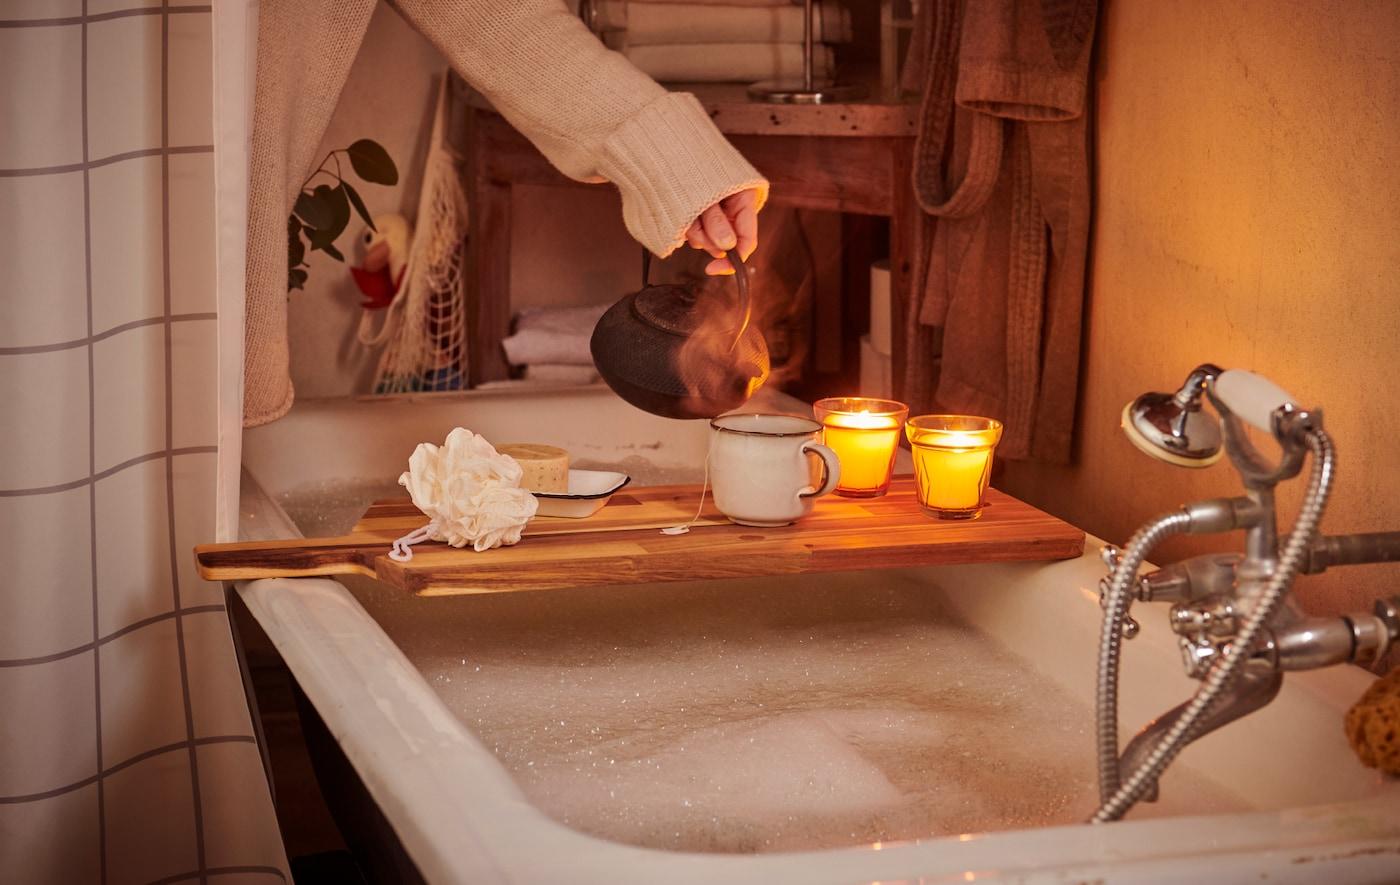 Uma mulher, com uma camisola vestida, a preparar um dia de spa, verte chá para uma chávena pousada sobre uma tábua de cortar, colocada sobre uma banheira.